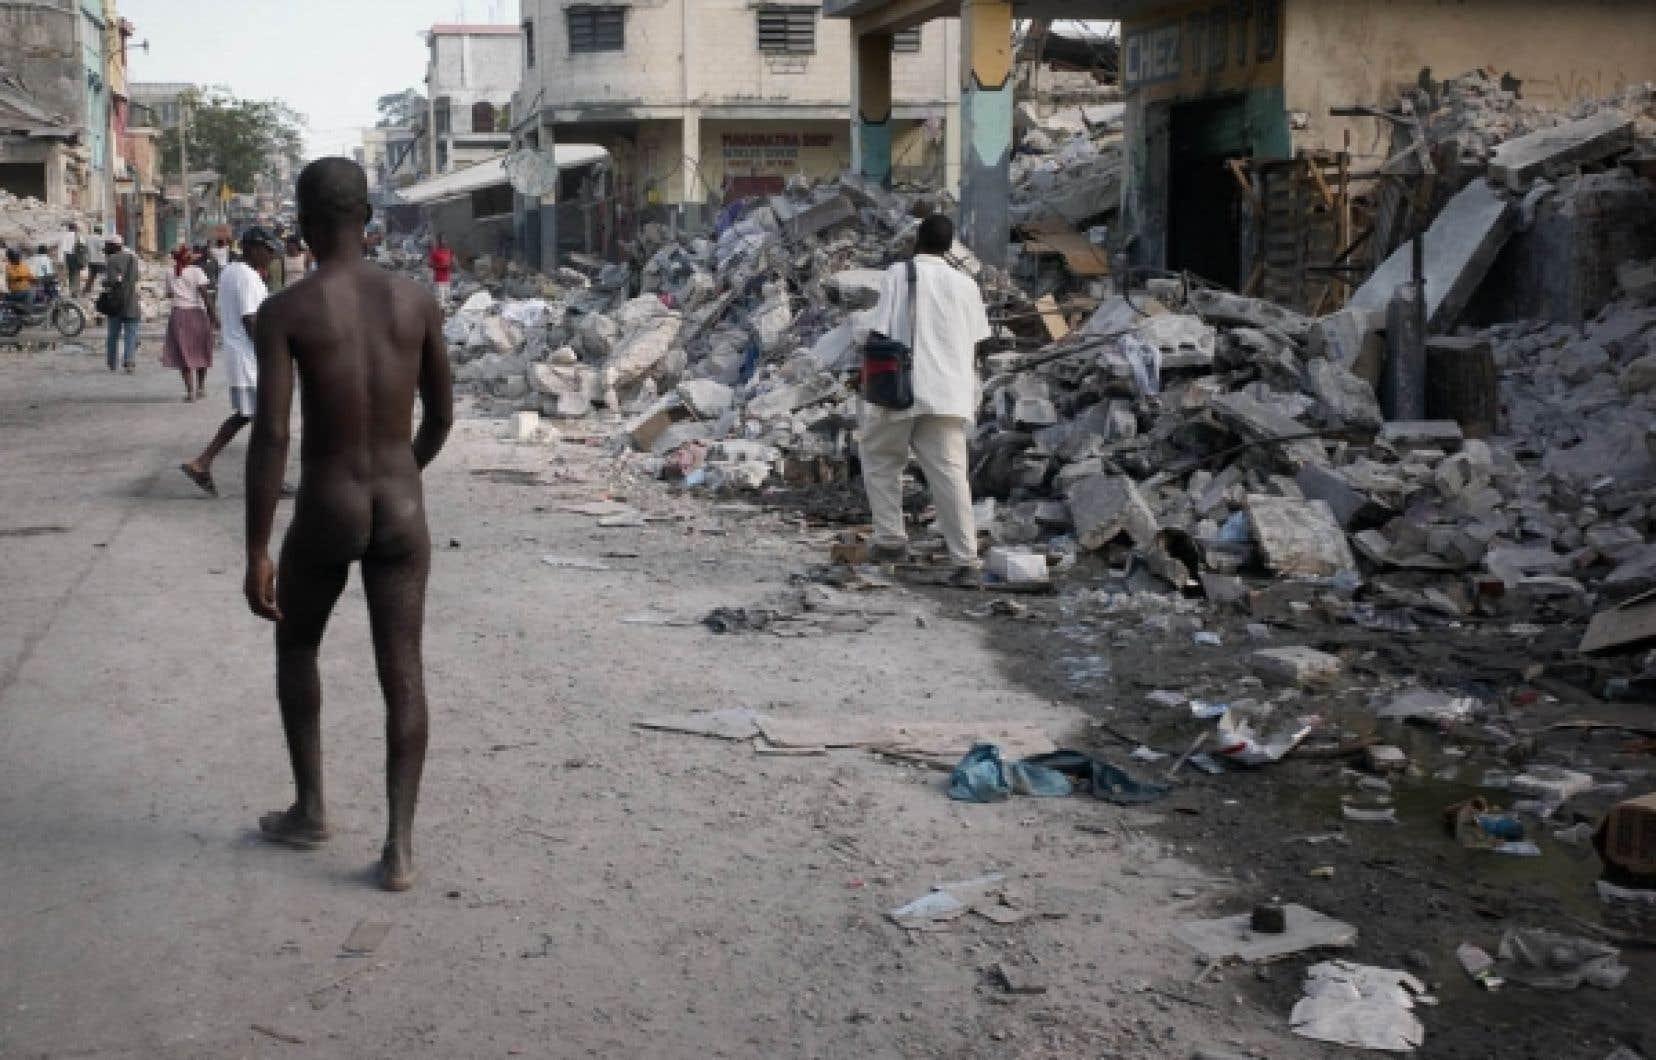 Dépossédé de tout, un homme — nu — marche dans une rue de Port-au-Prince.